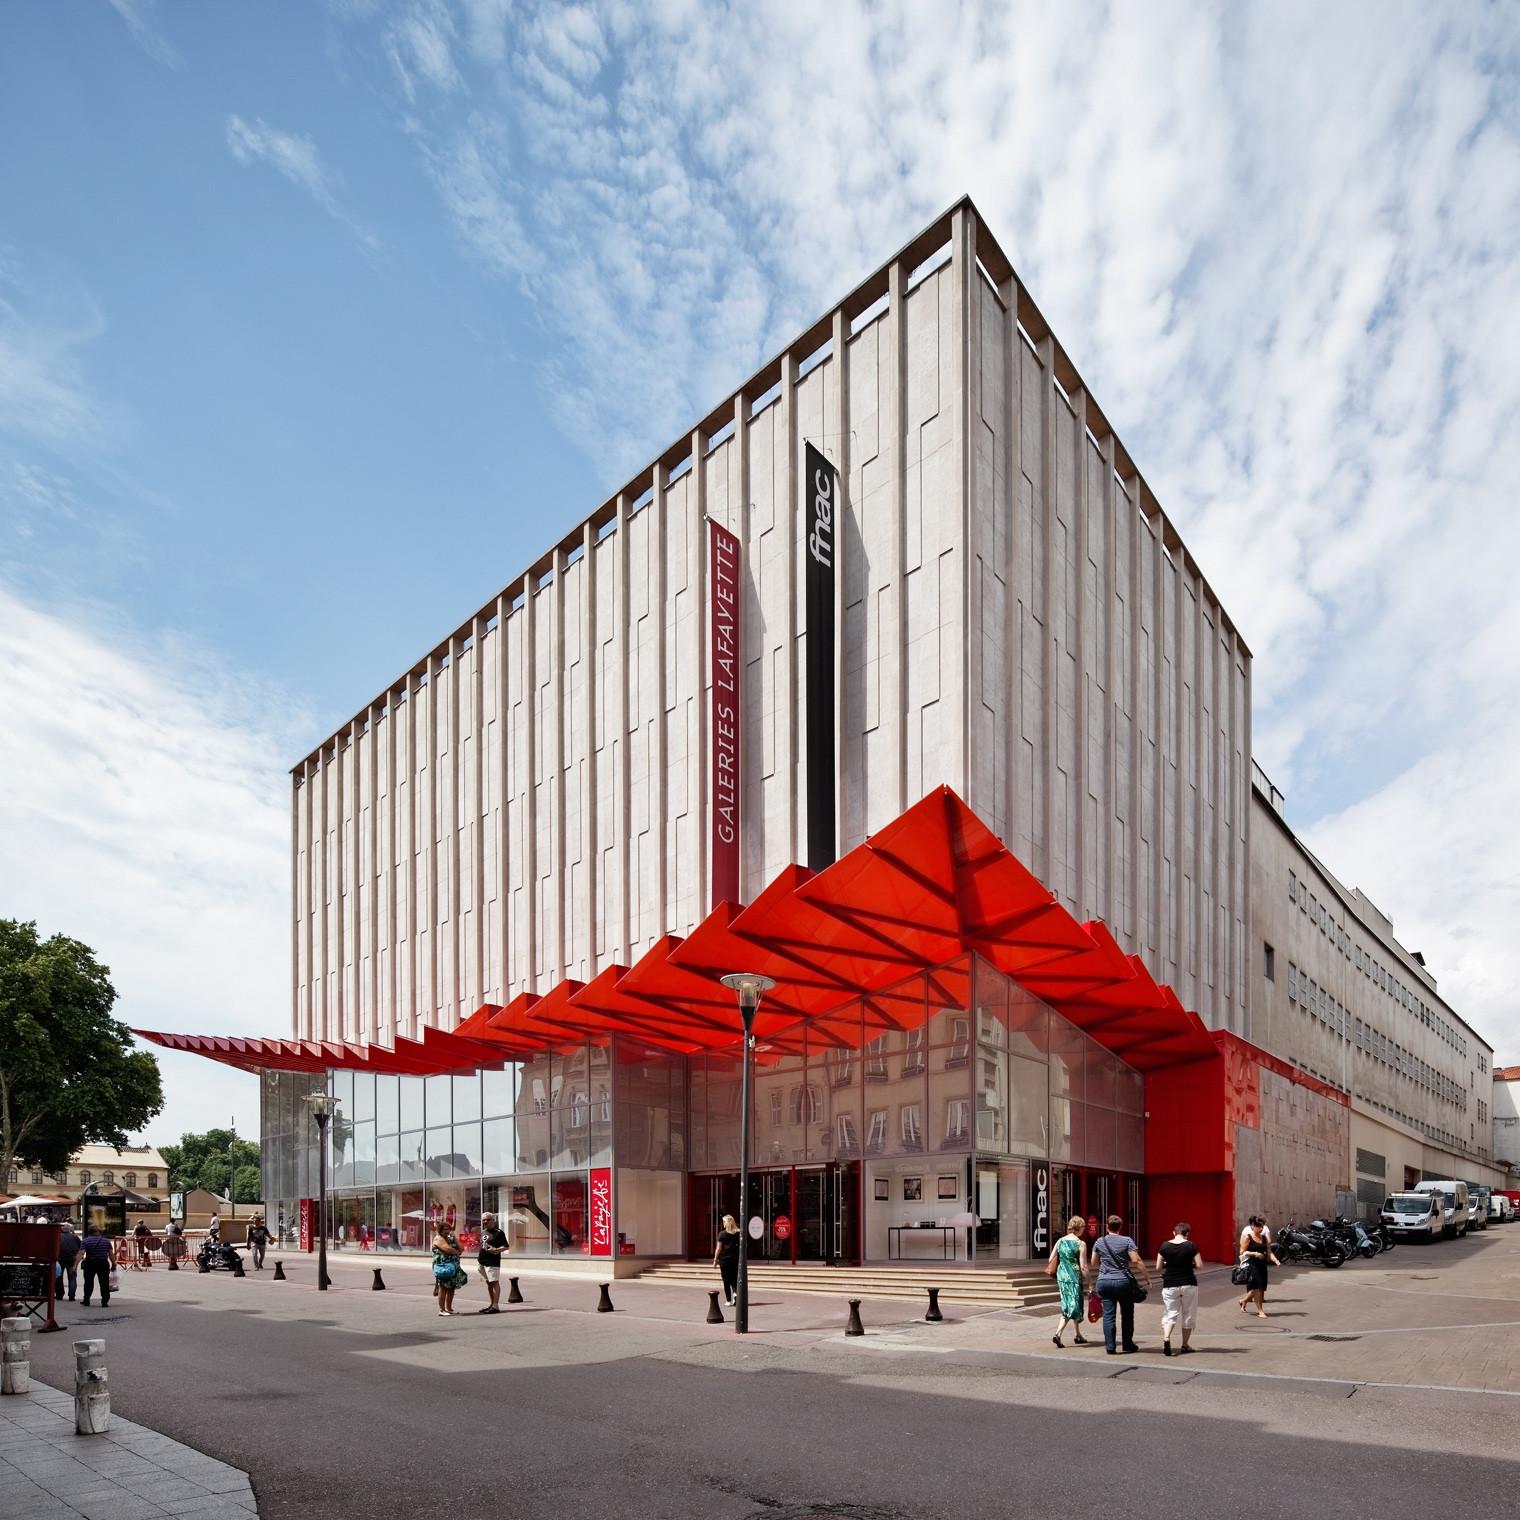 Galeries Lafayette Department Store / Manuelle Gautrand Architecture, © Vincent Fillon